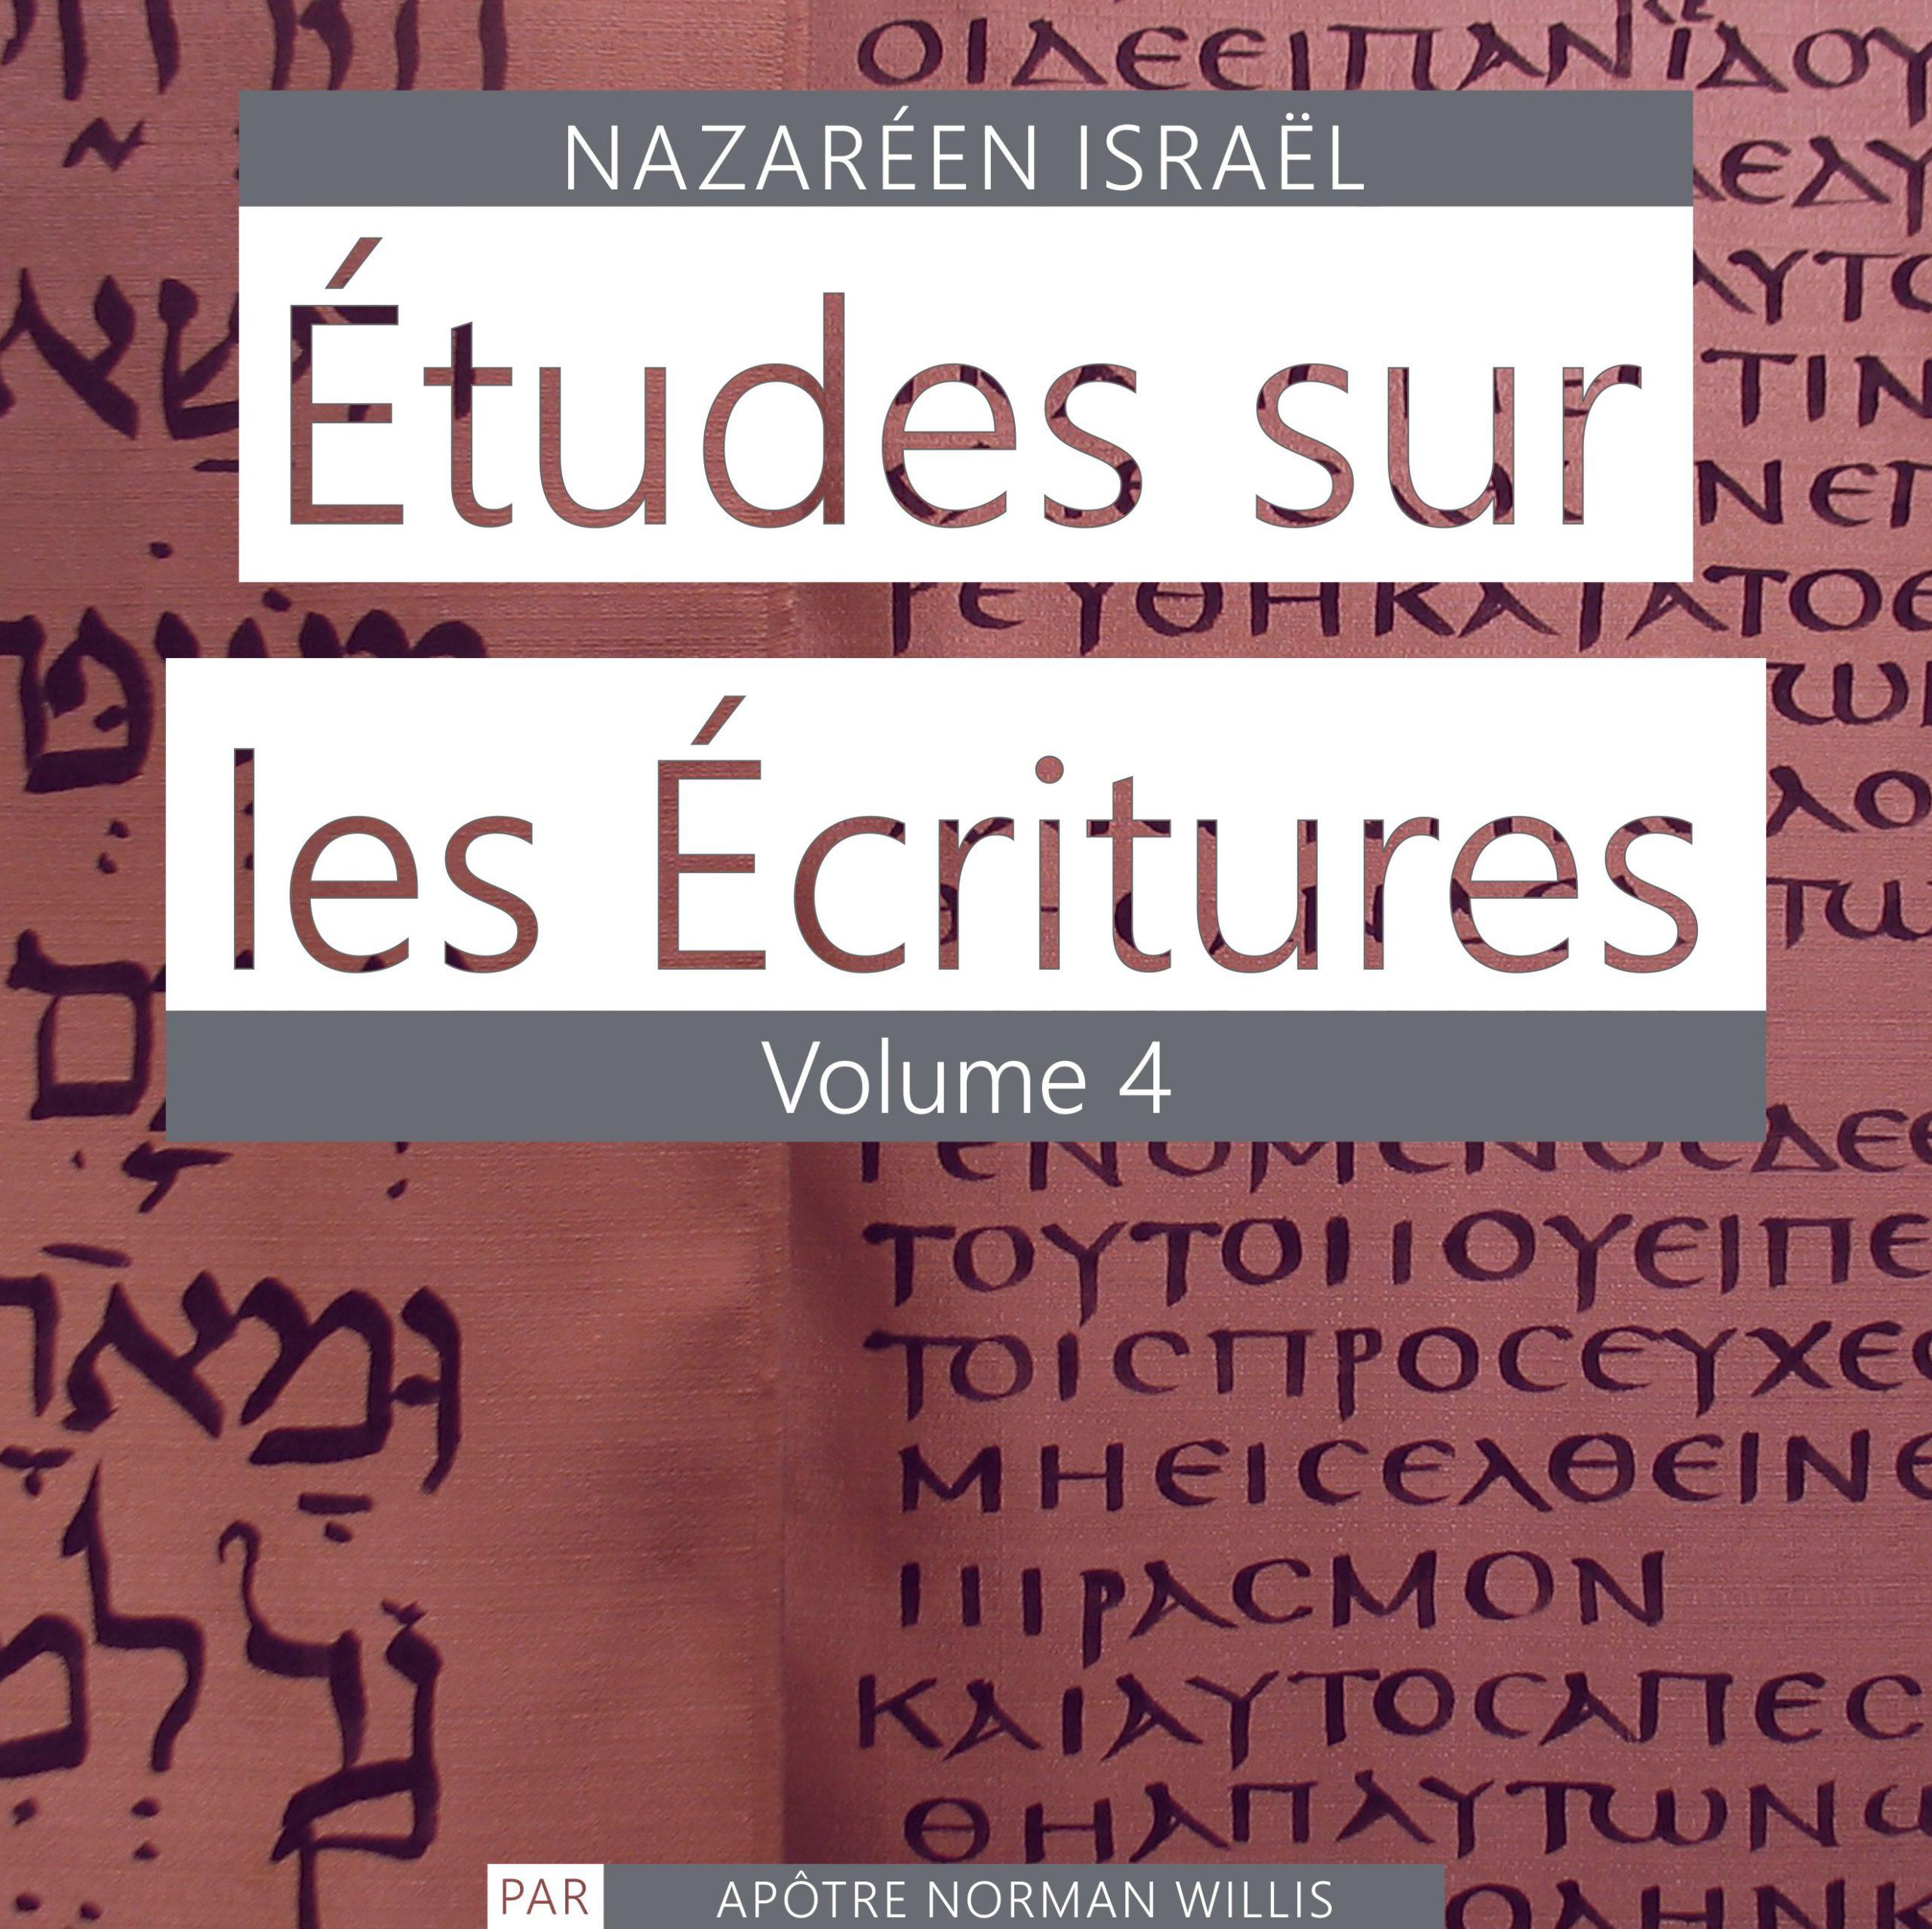 Nazaréen Écriture Etudes Vol. 4